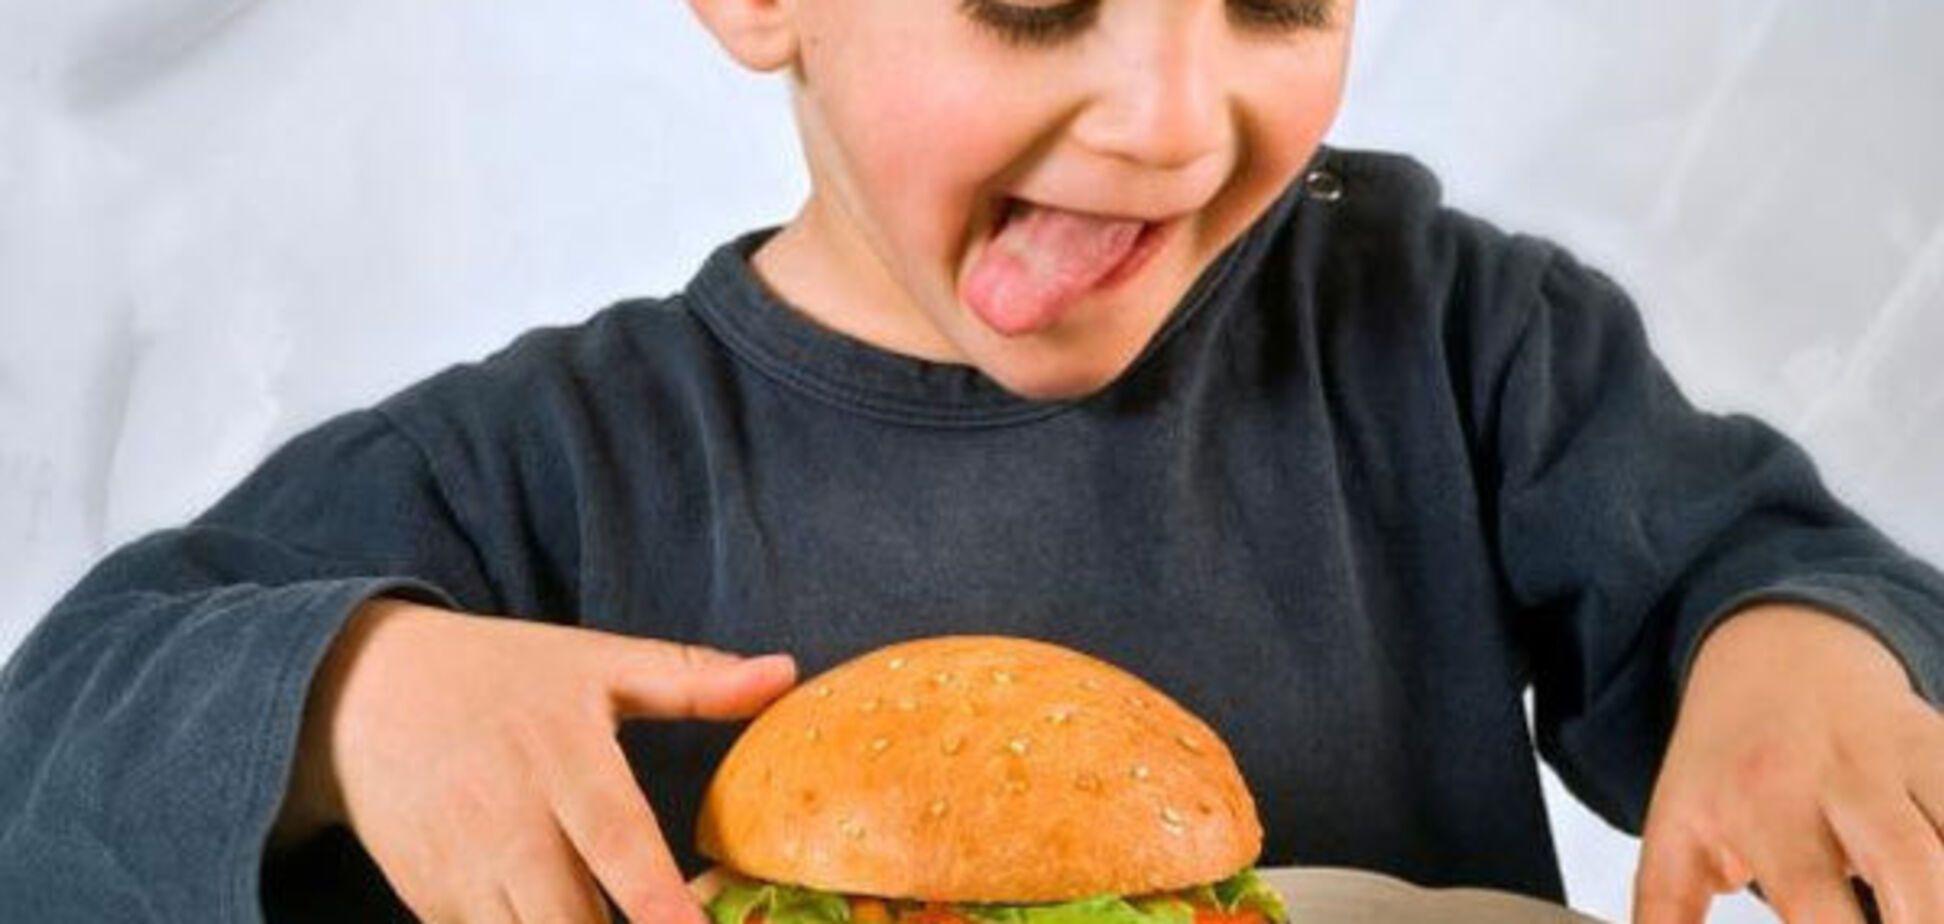 Бомба замедленного действия: ученые о влиянии вредных привычек на здоровье ребенка в будущем